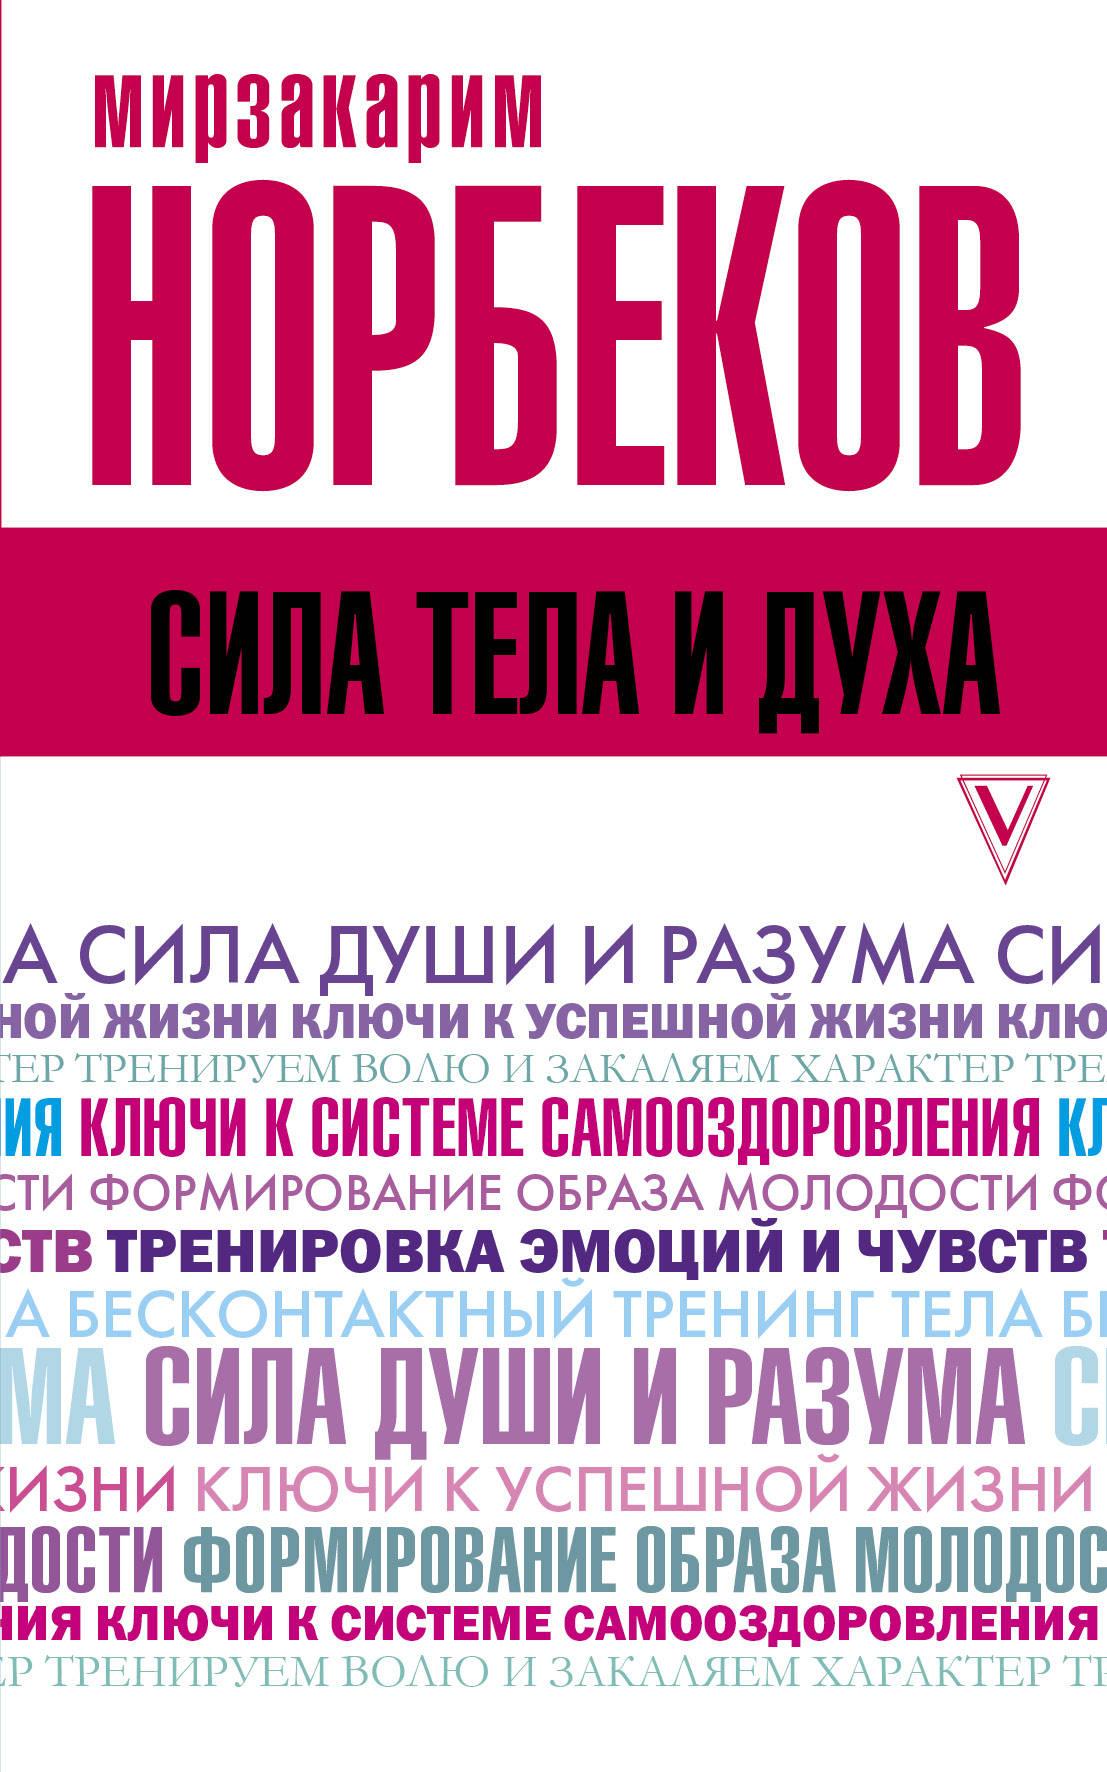 М. С. Норбеков Сила тела и духа bekker bk 5101